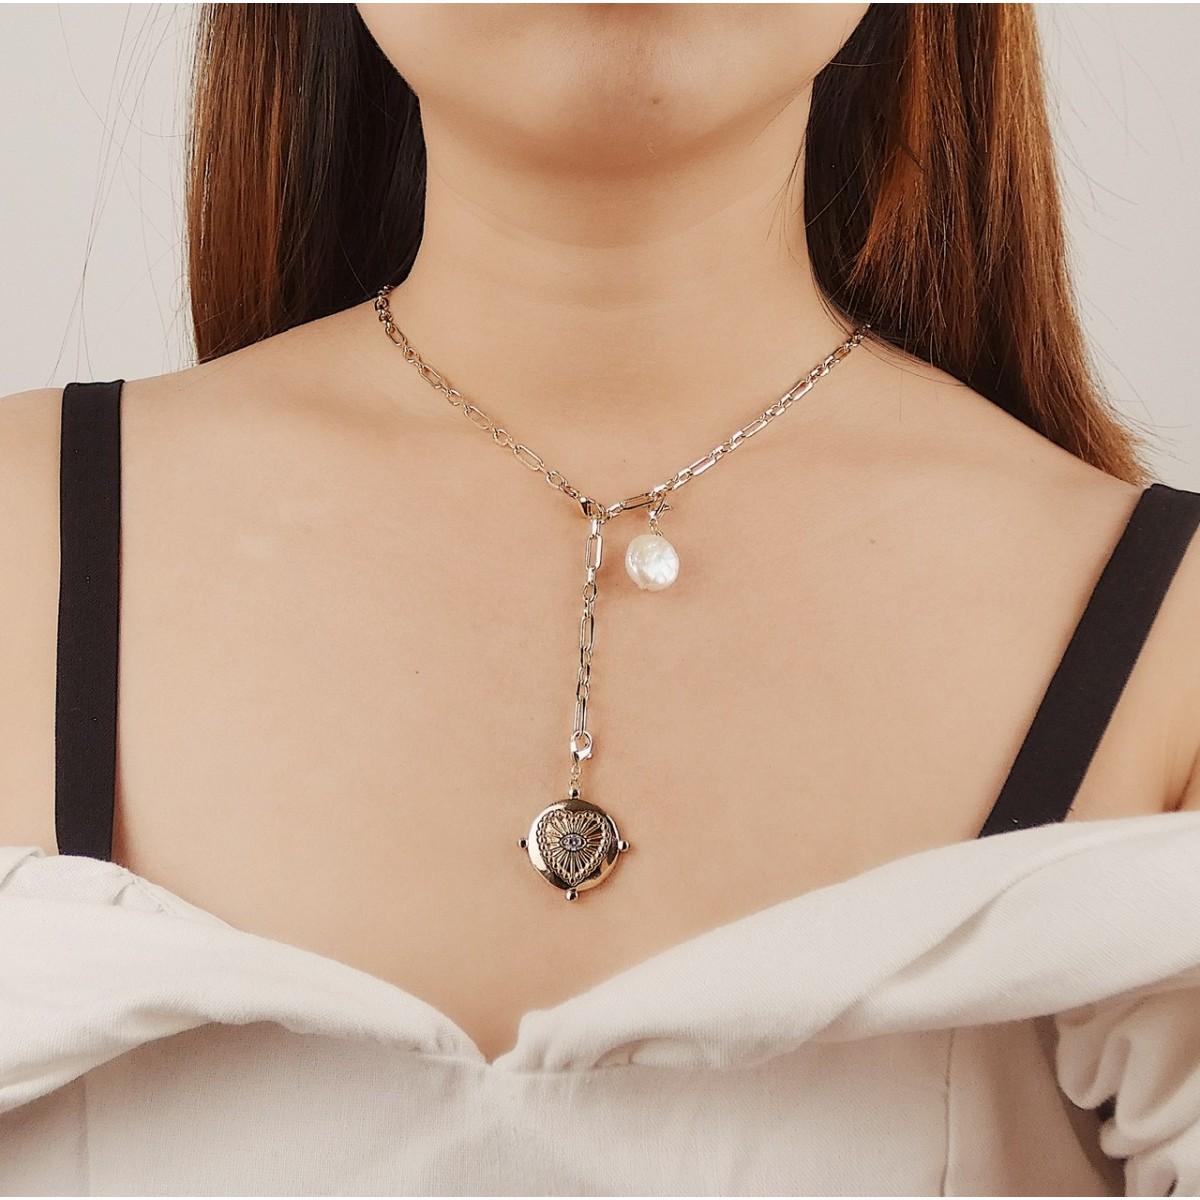 Valerie Chic - PROTECT YOUR HEART Halskette & Creolen - 18 Karat vergoldet